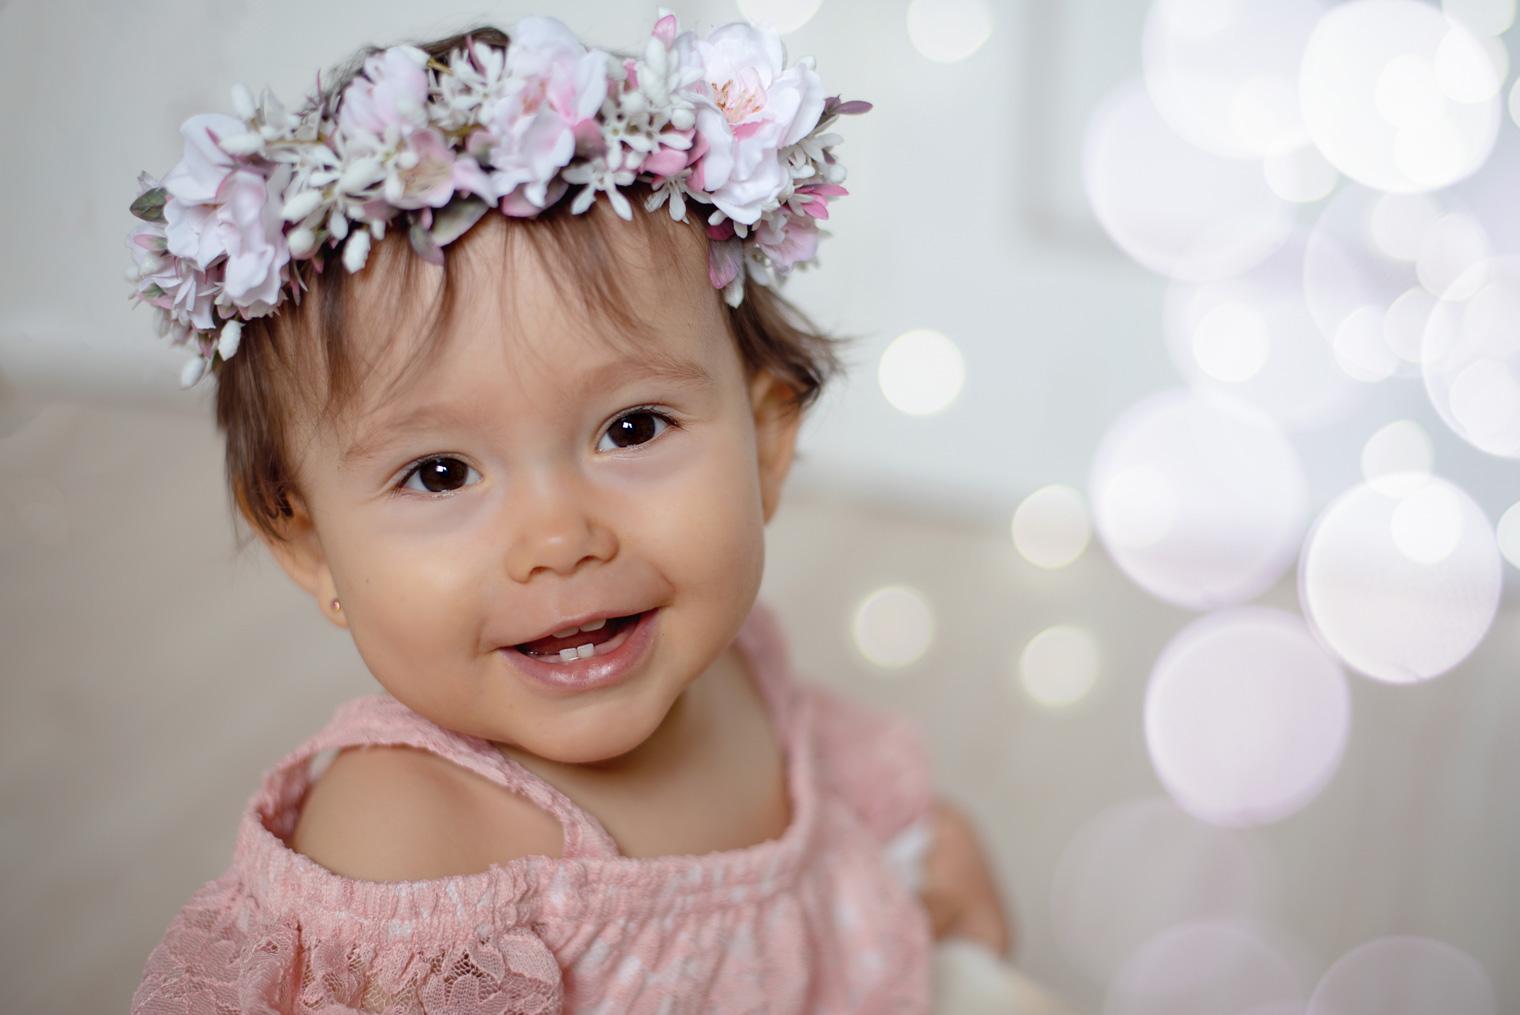 belinda lopez photo bebe enfant photographie famille grossesse nouveau-ne maternite photographe bourg-saint-maurice savoie belindalopez.fr-12